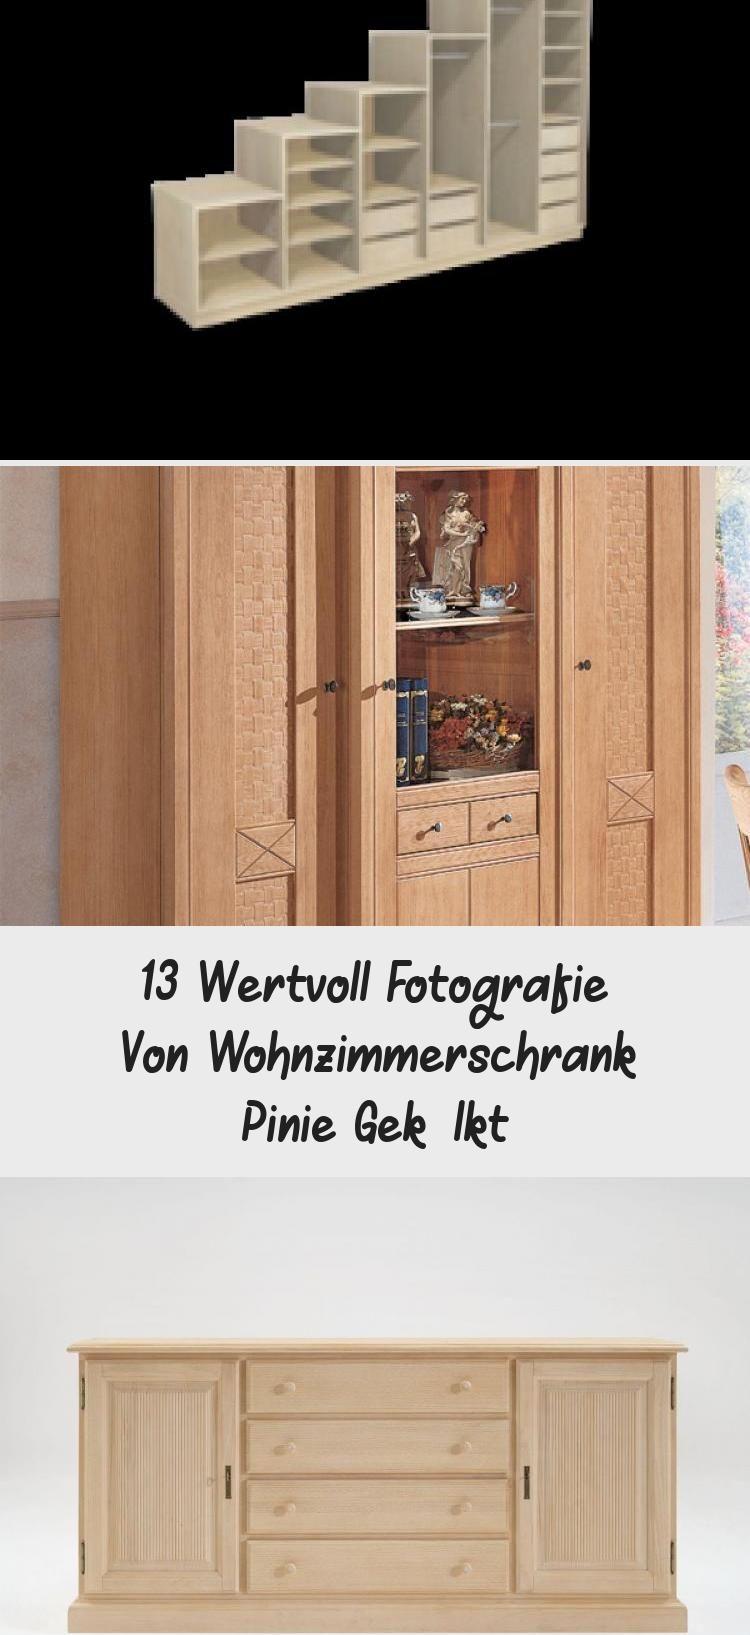 6 Wertvoll Fotografie Von Wohnzimmerschrank Pinie Gekälkt - DE in